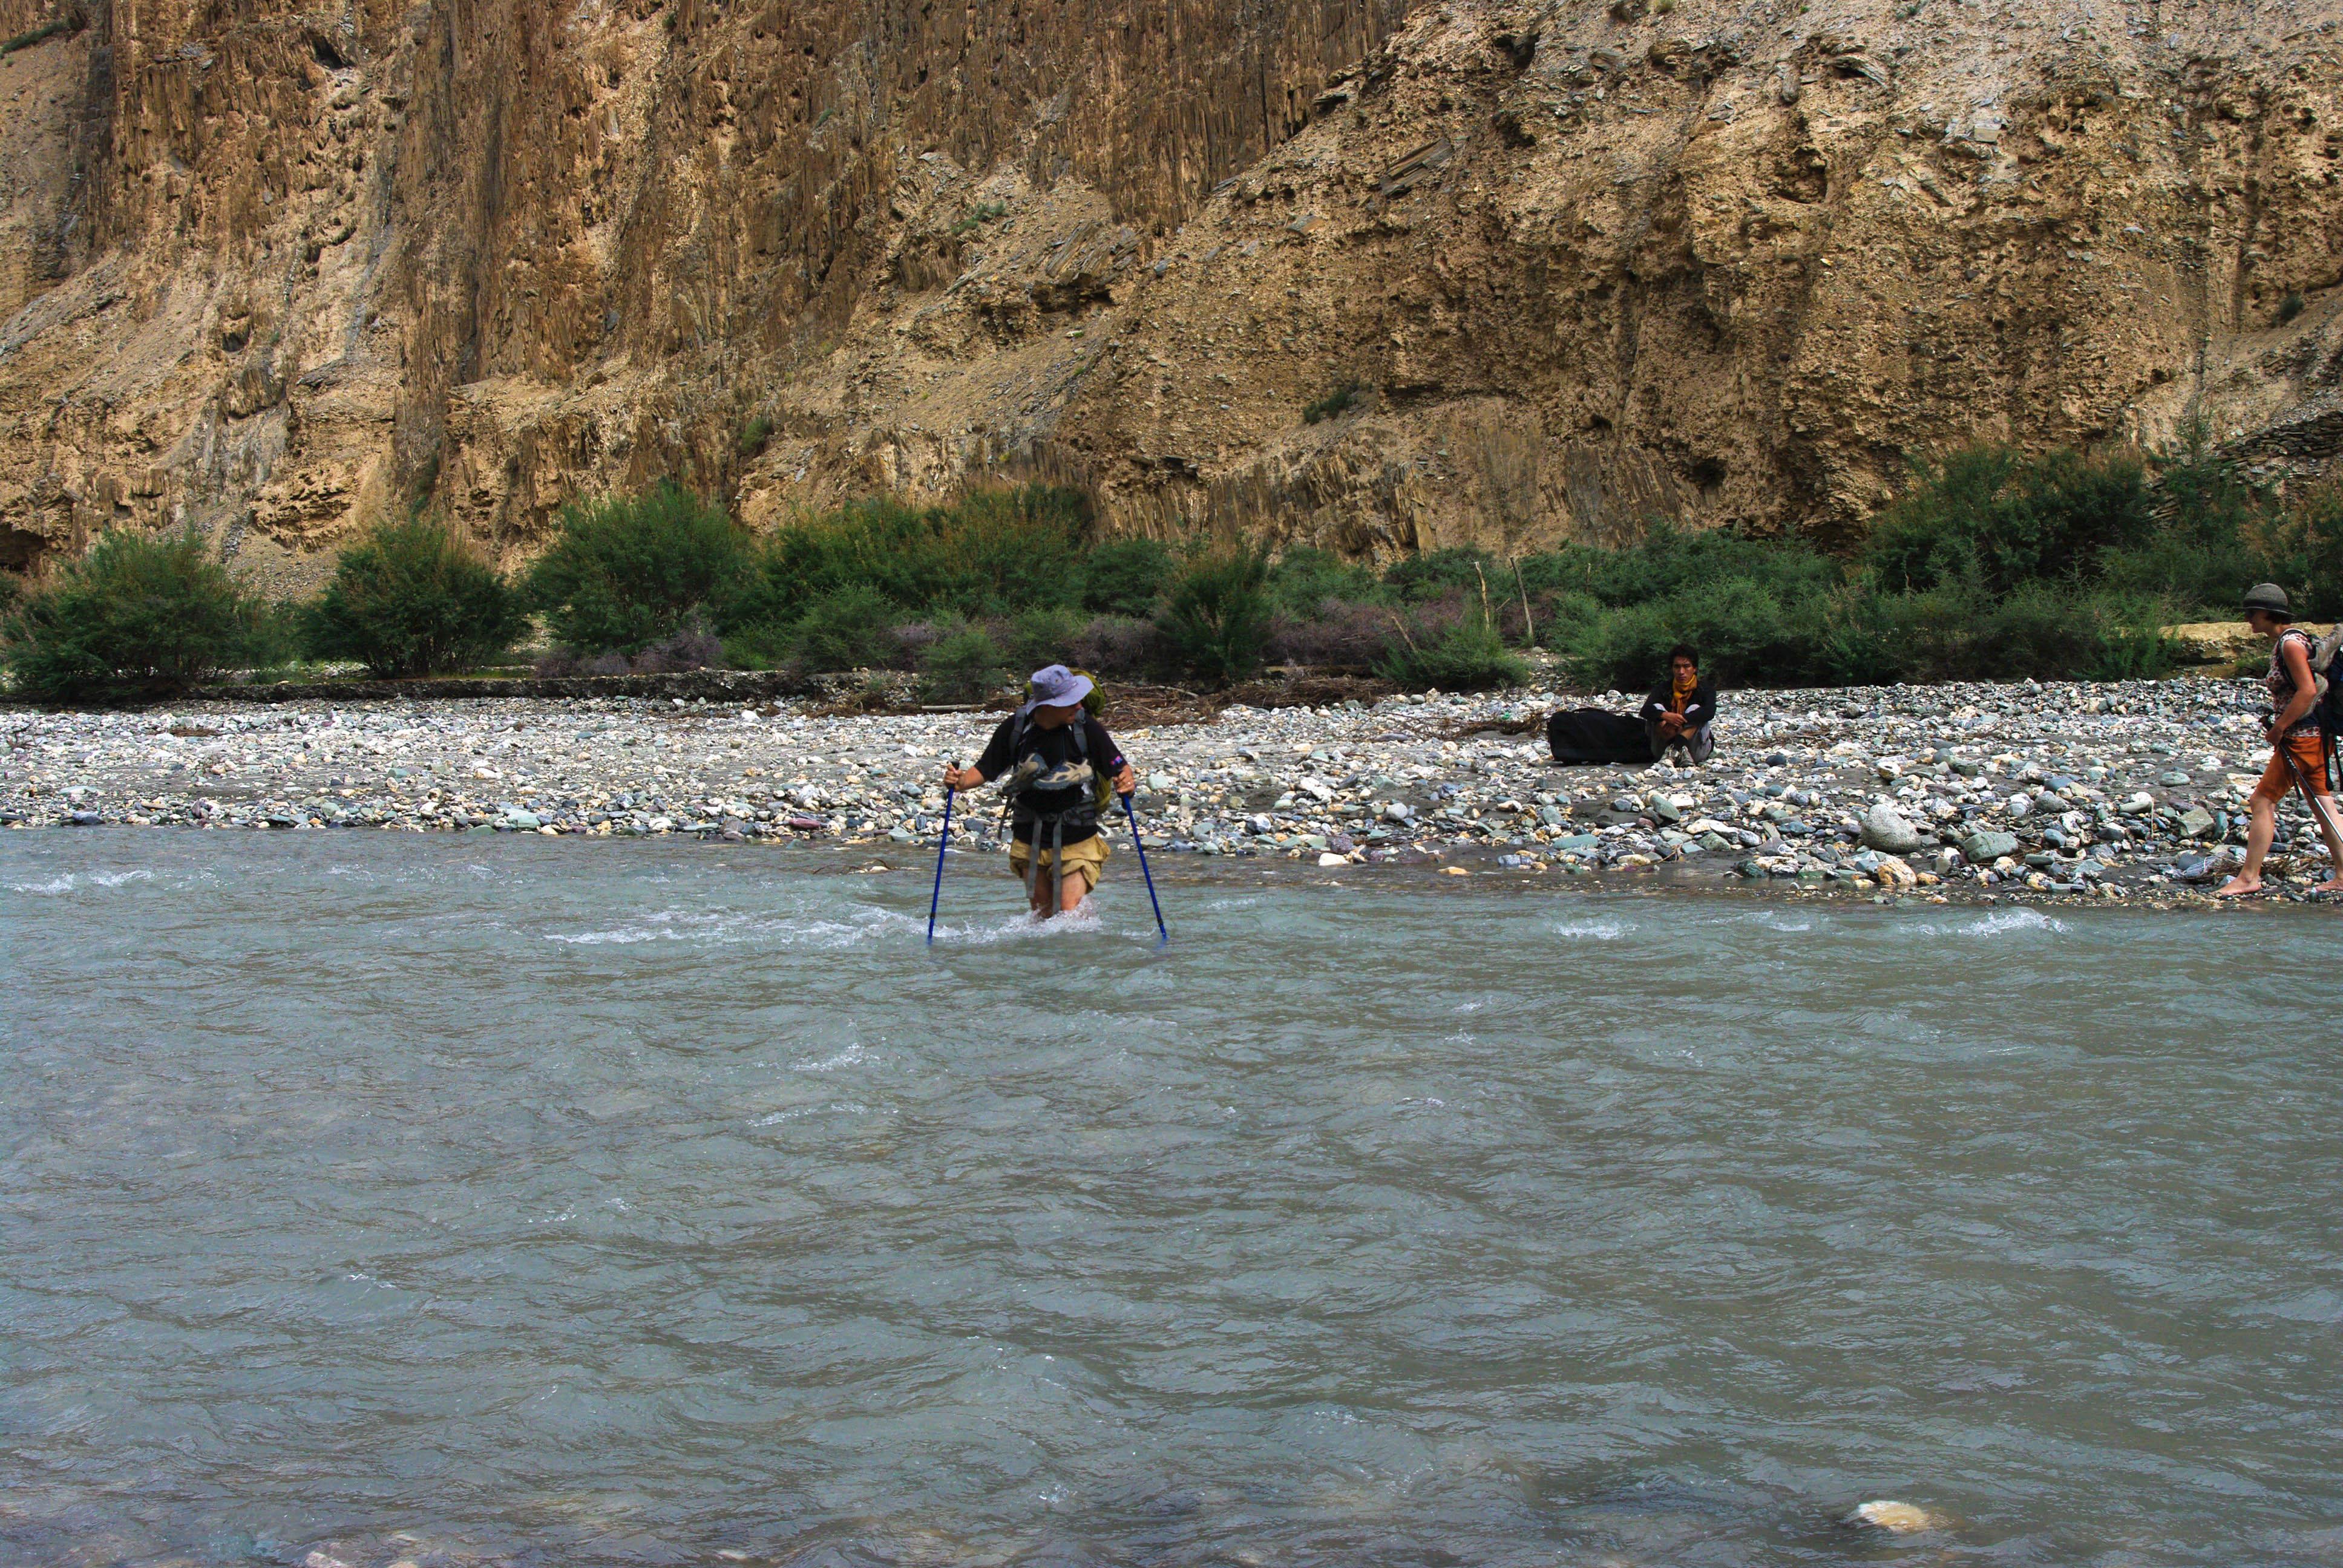 Туристы в брод через реку в Гималаях